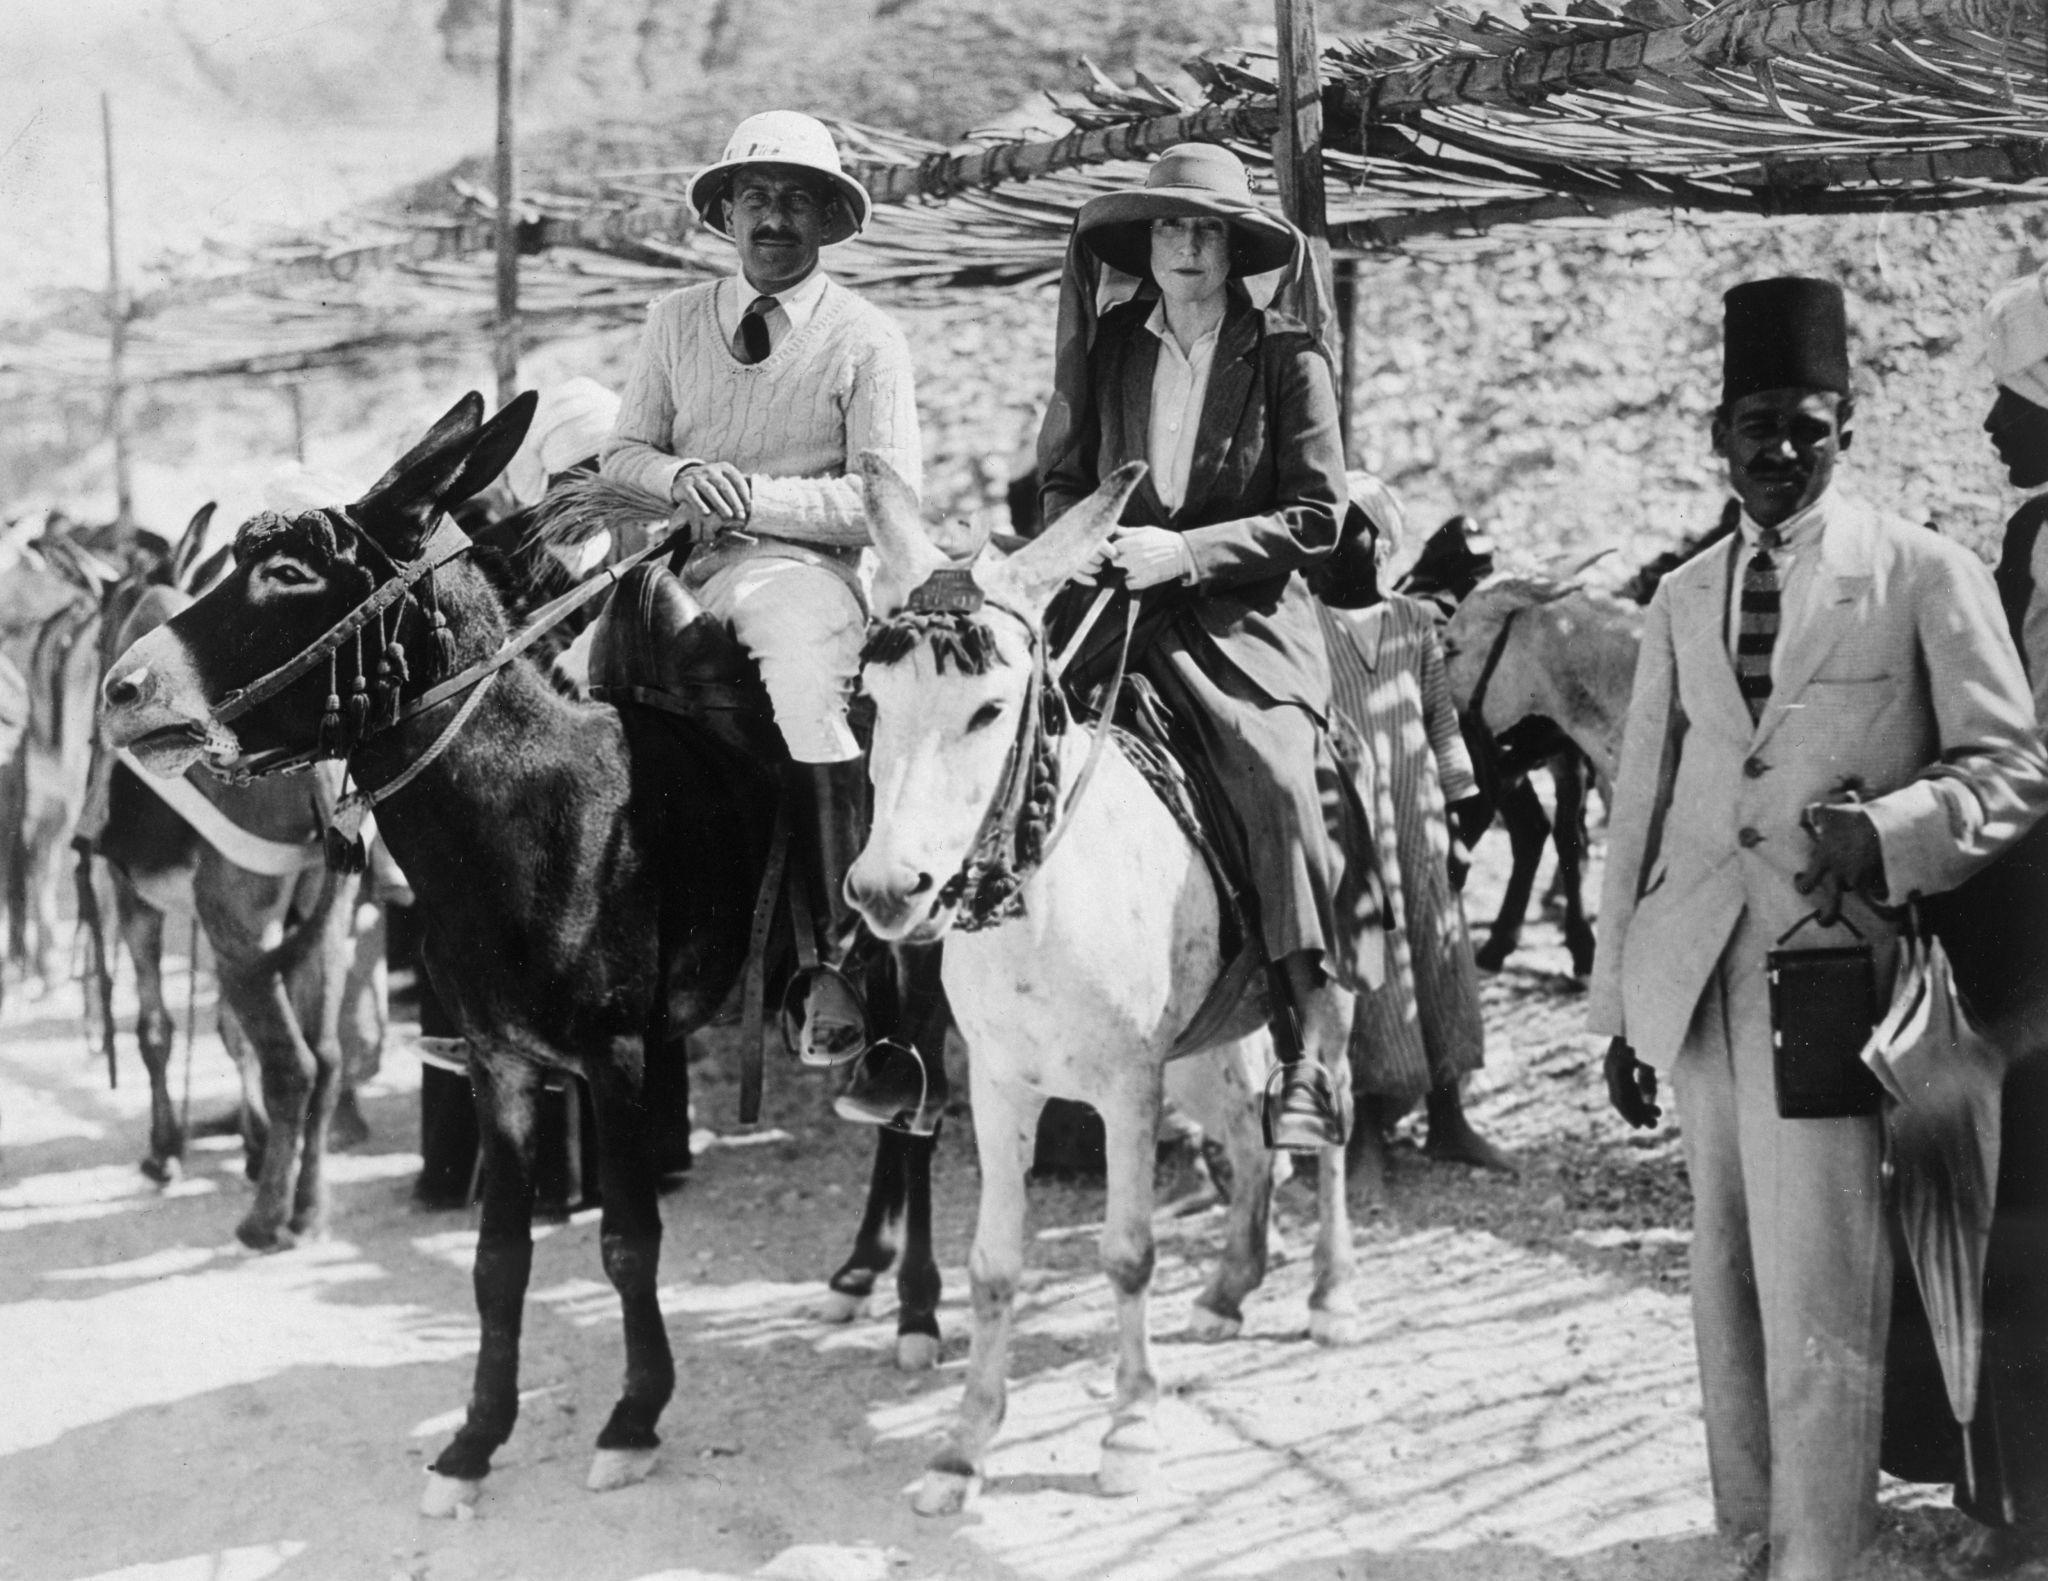 1922. Посетители гробницы Тутанхамона. Леди Риблсдейл и мистер Стивен Власто прибывают на осликах